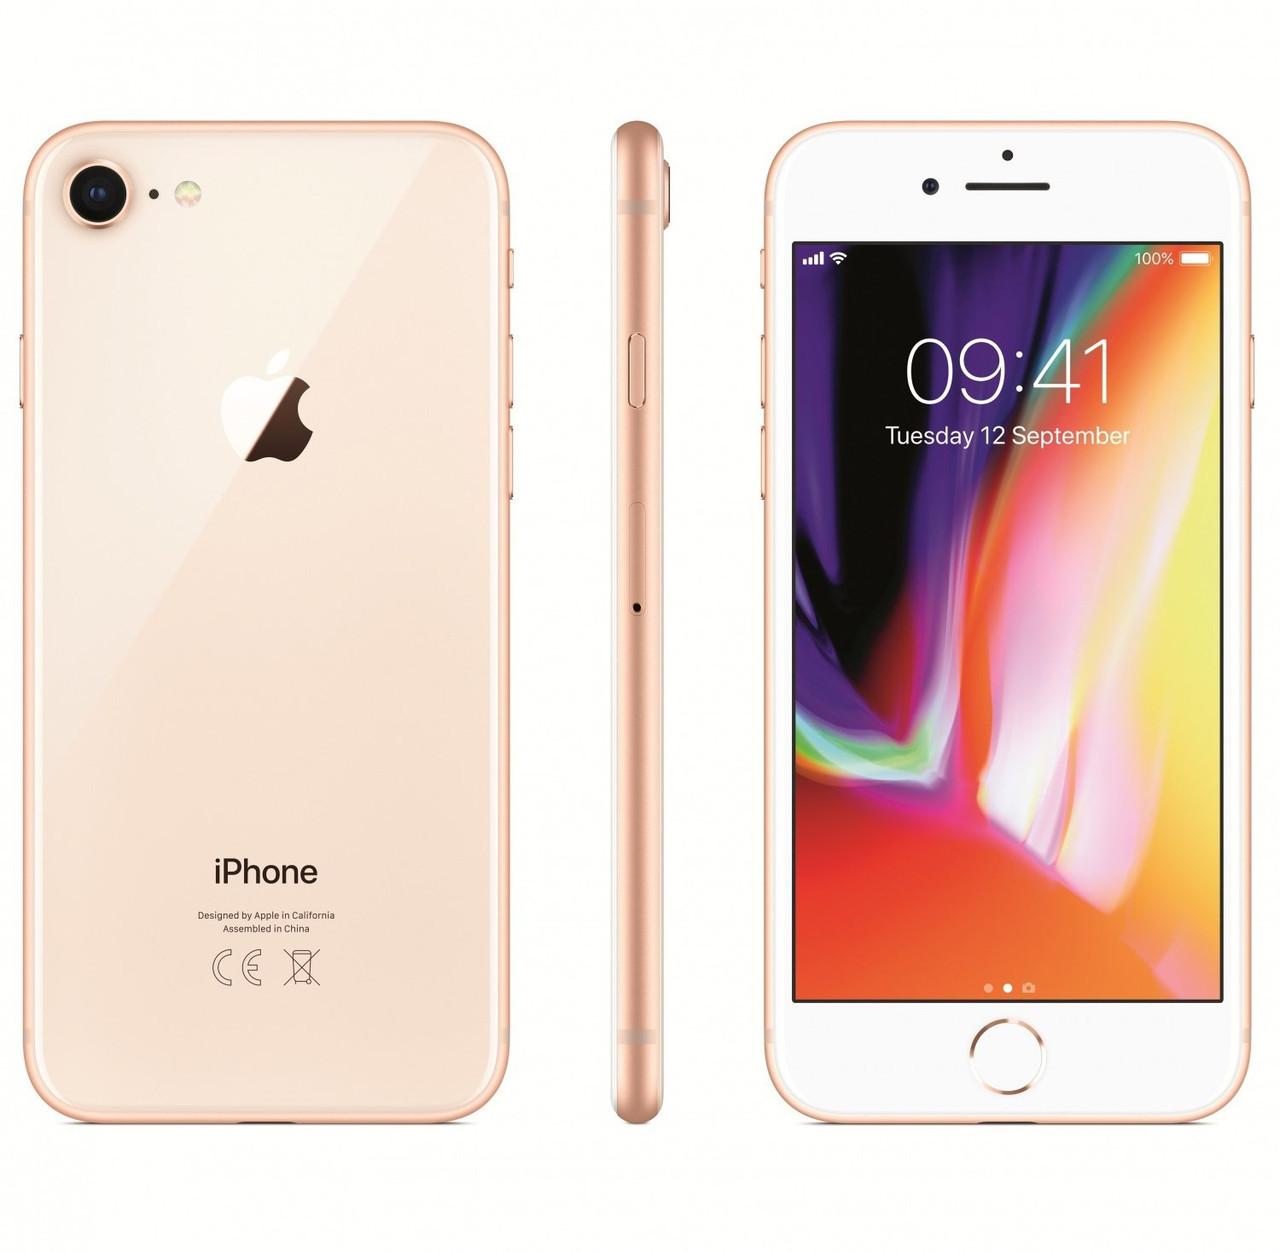 Смартфон Apple iPhone 8 64gb Gold Apple A11 Bionic 1820 мАч + чехол и стекло